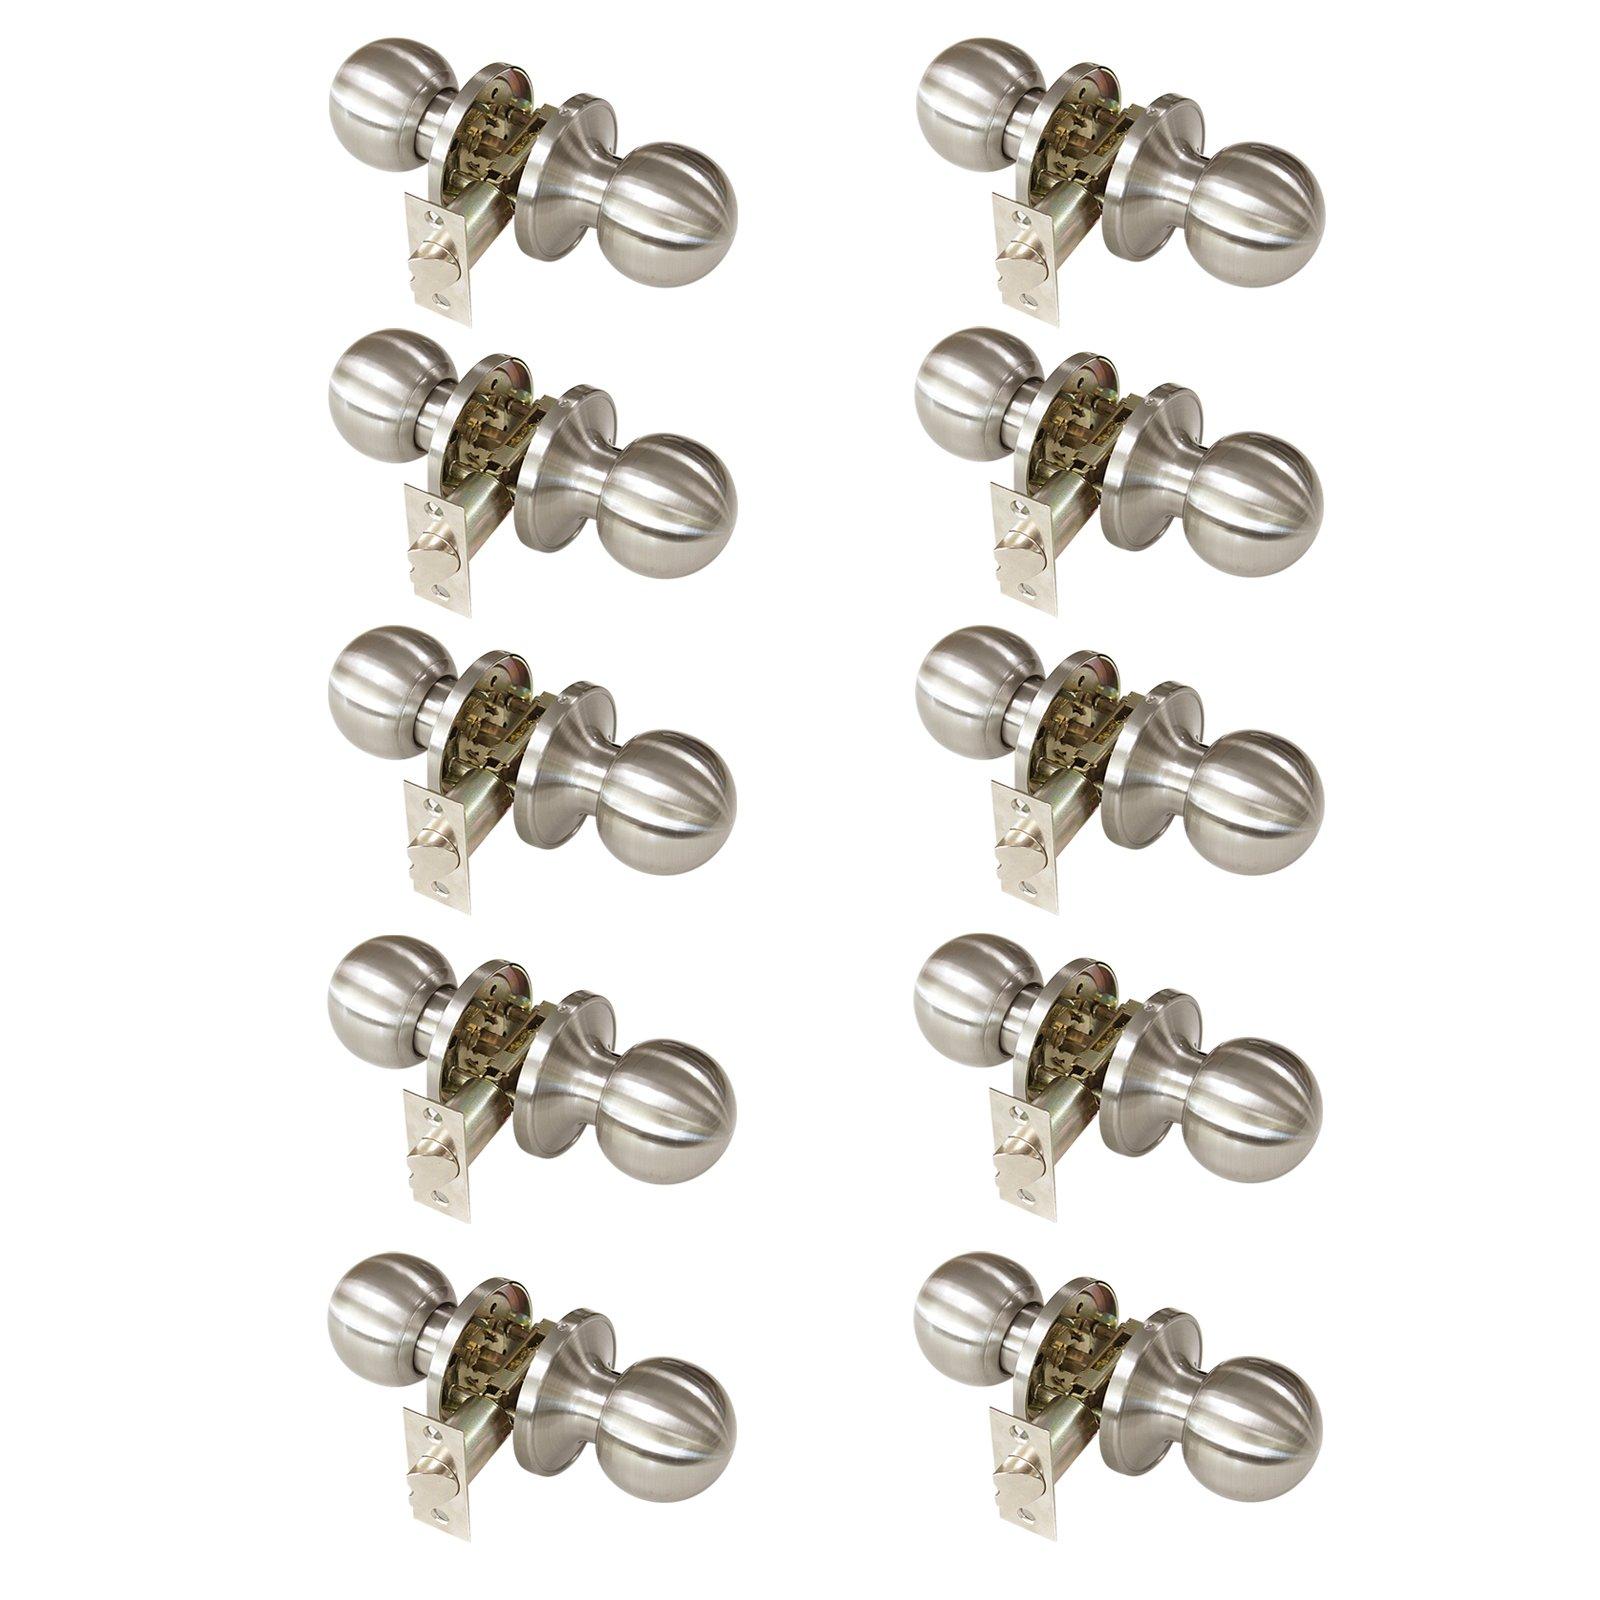 Gobrico Passage Door Lock Satin Nickle Interior Keyless Round Door Knobs Handles Locksets 10Pack